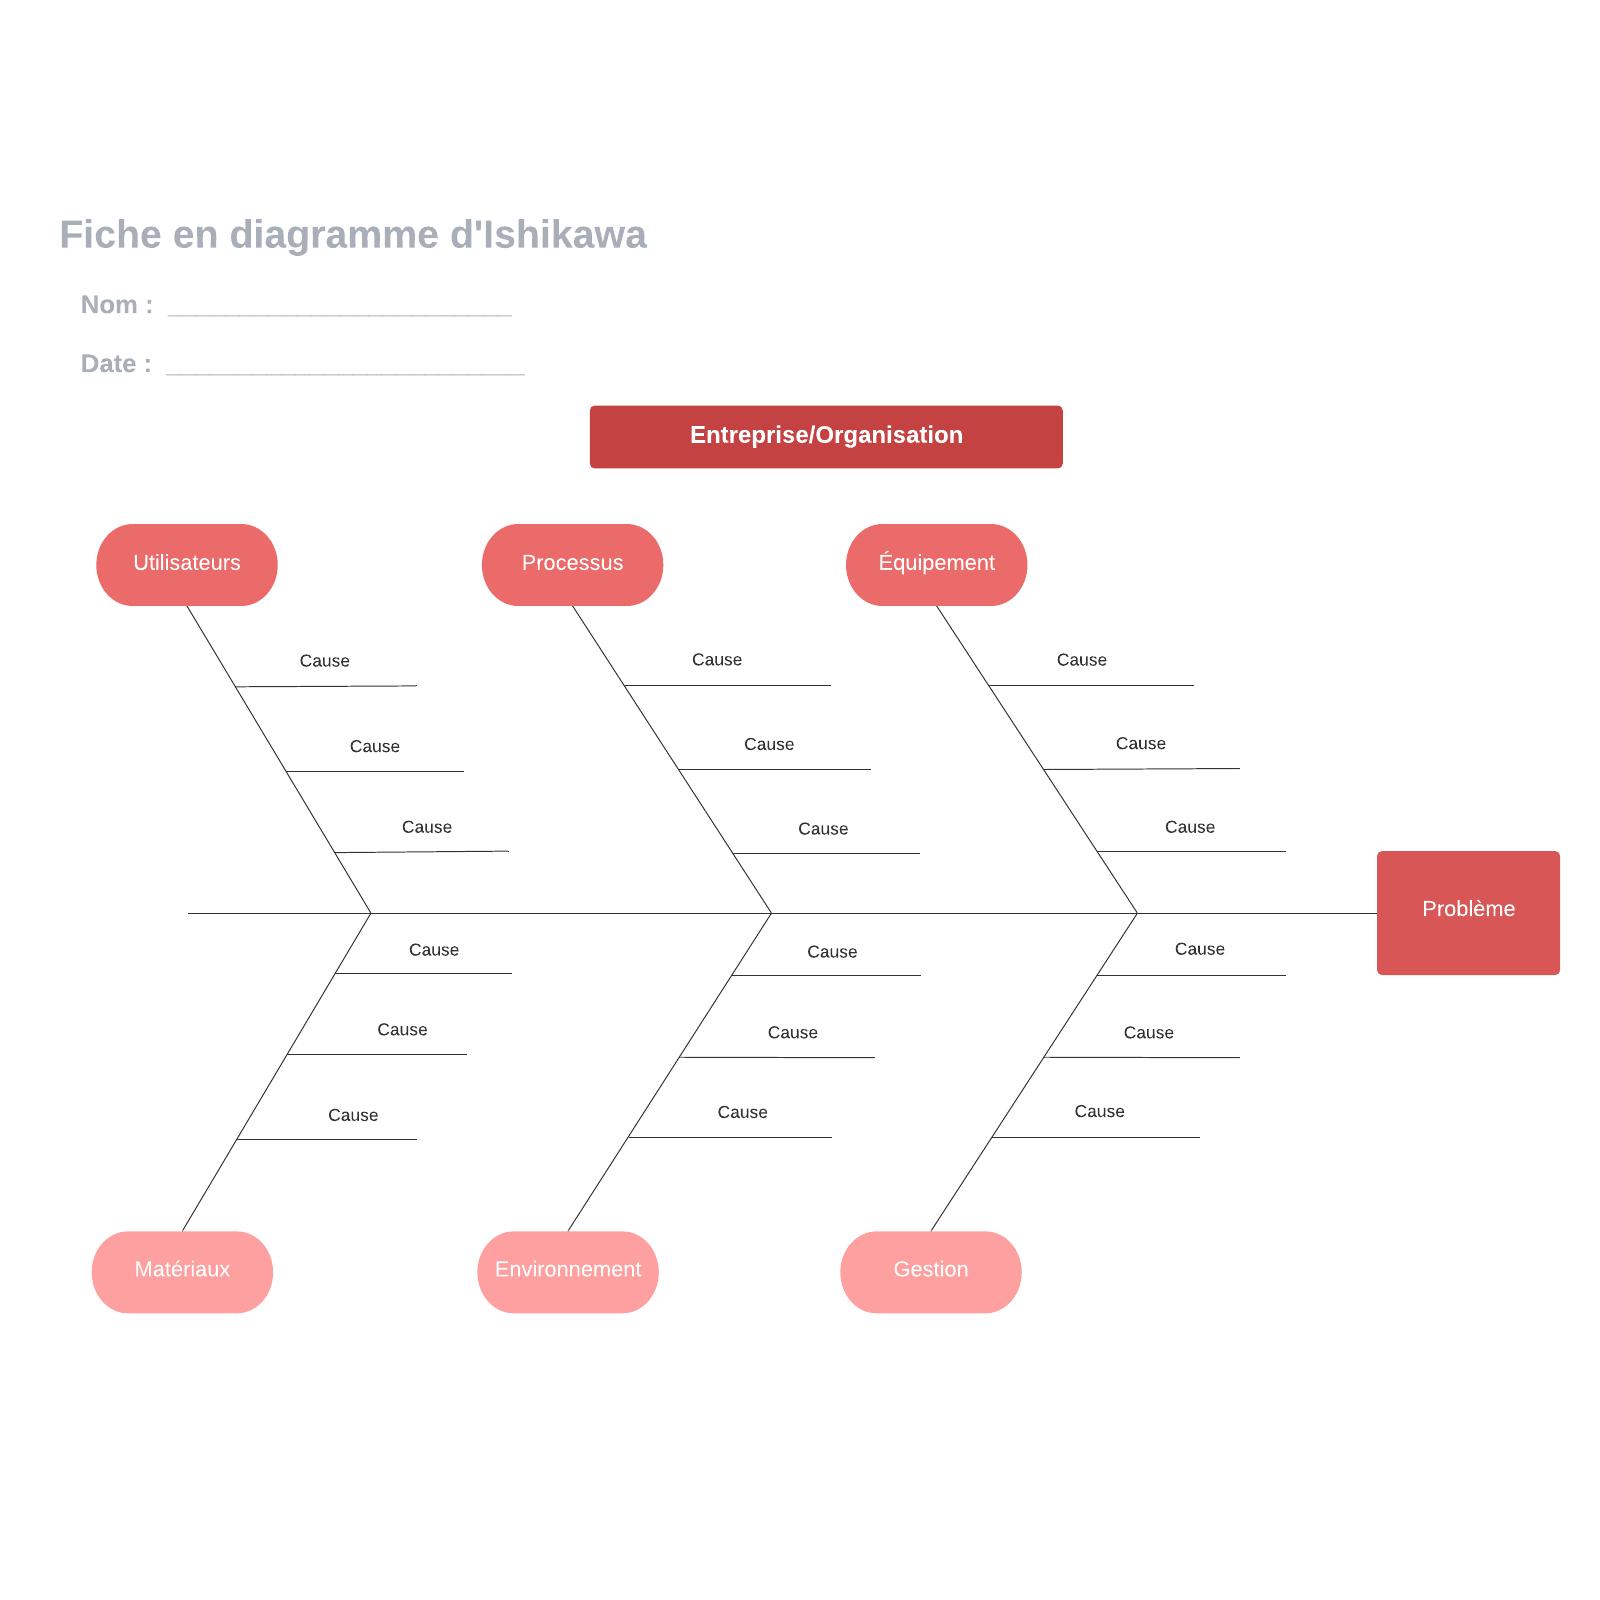 exemple de fiche en diagramme d'Ishikawa vierge